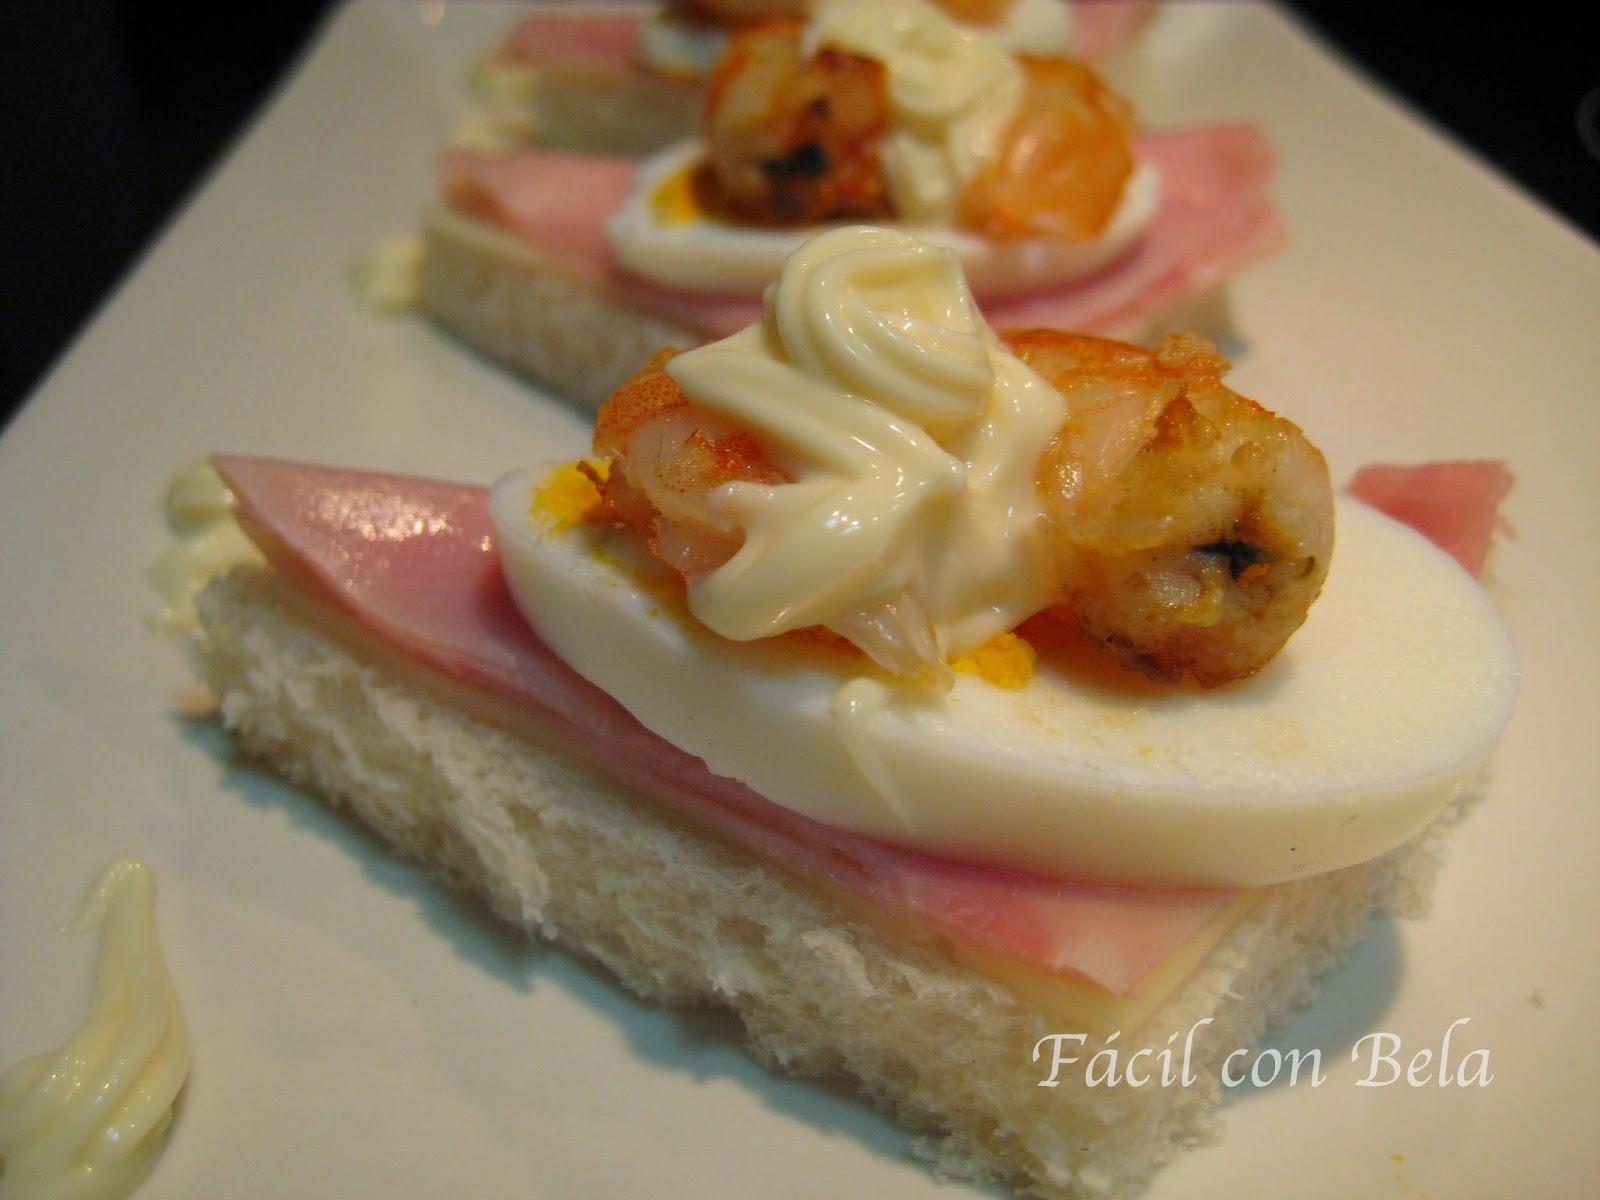 Recetas f cil con bela canap de jam n queso huevo y for Que es un canape